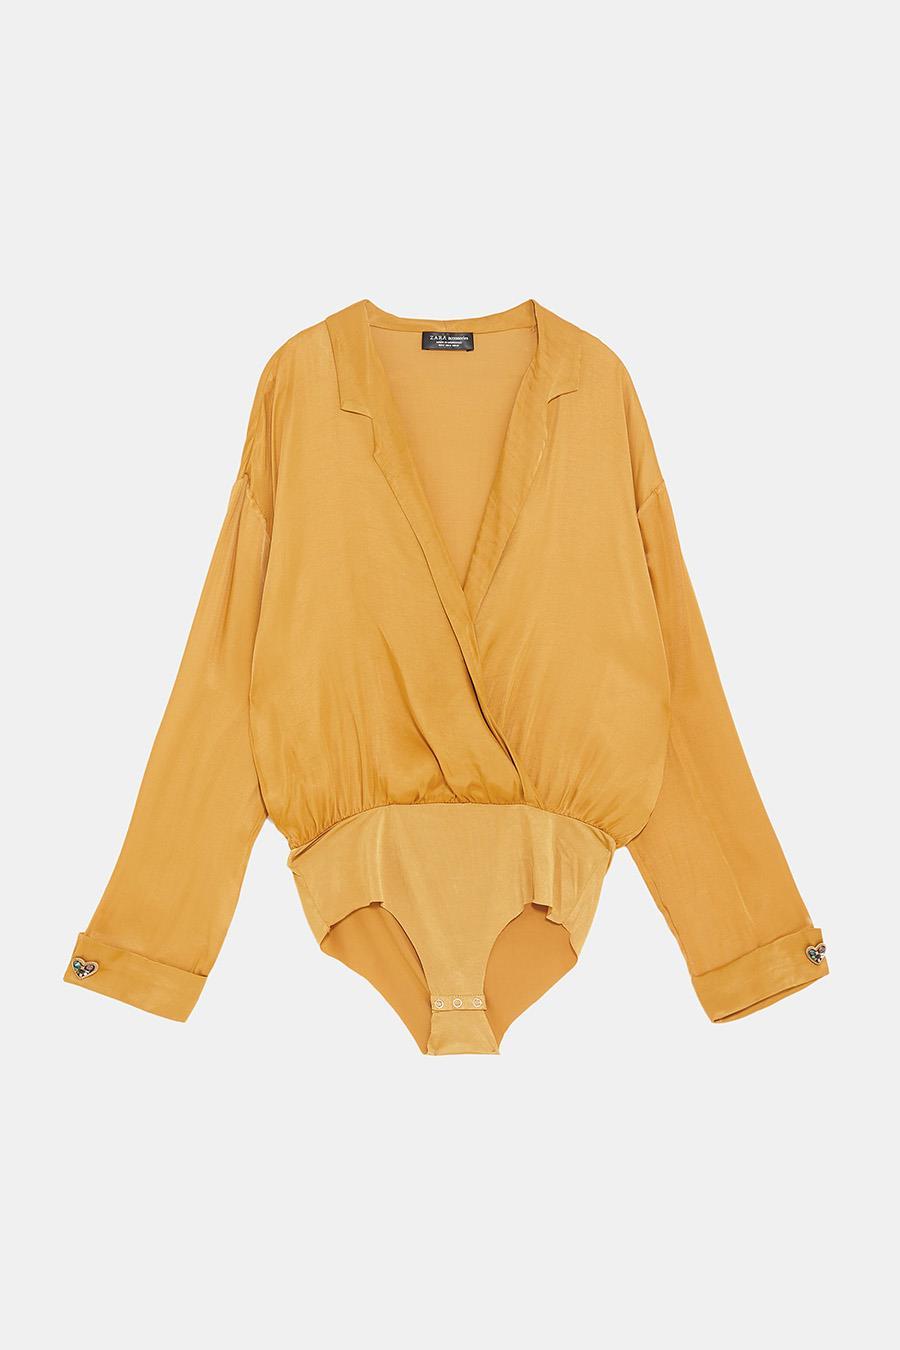 2e677028ef Zara nueva colección: body de de mujer baratos para tus looks de ...